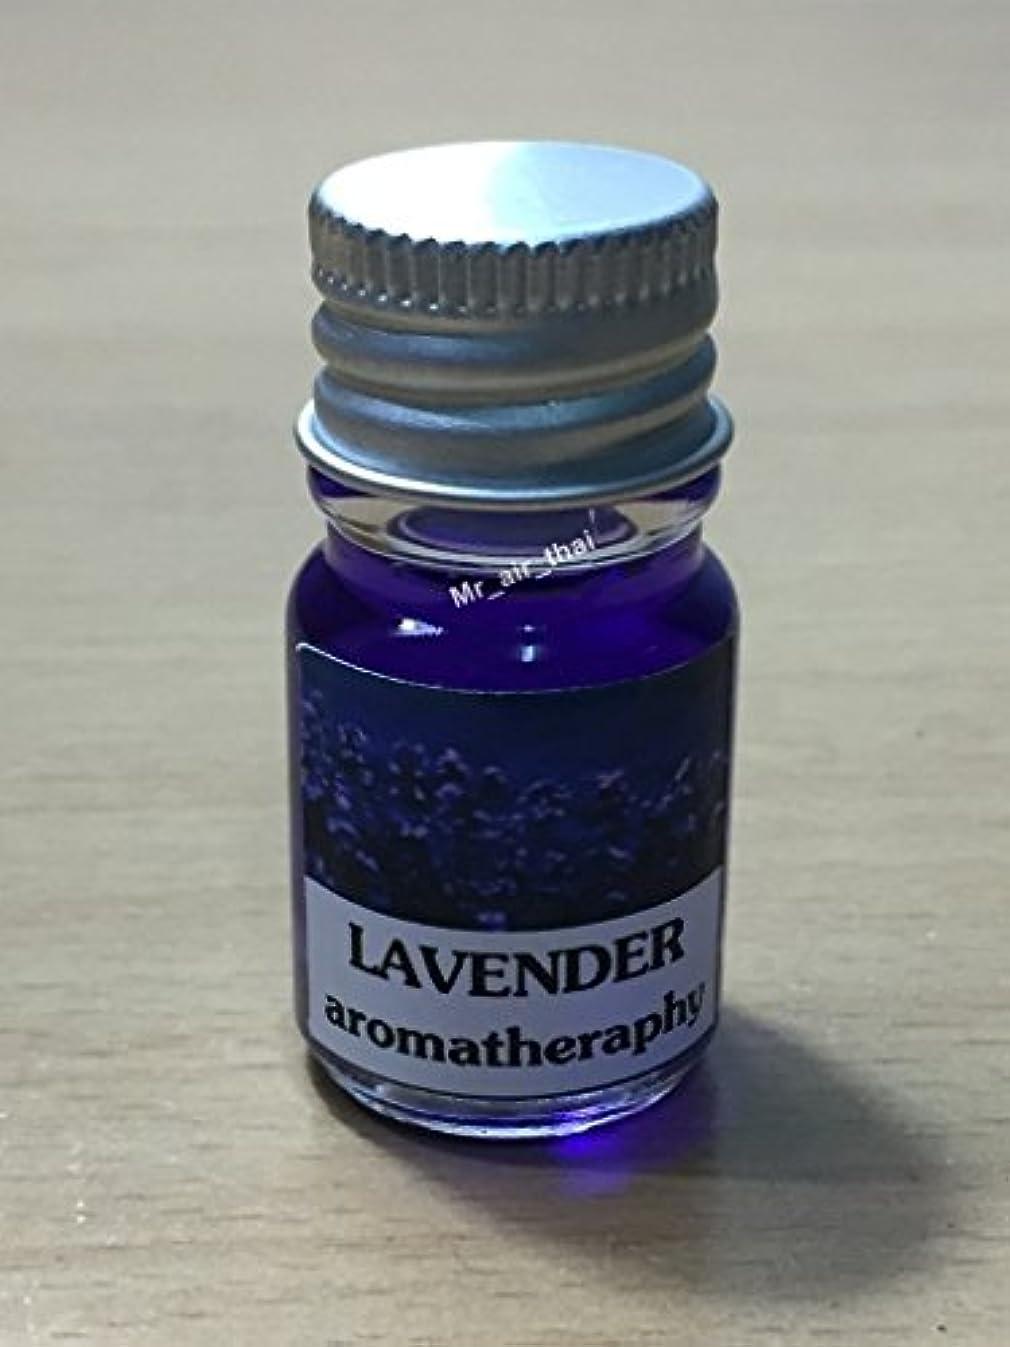 不承認誤解する列車5ミリリットルアロマラベンダーフランクインセンスエッセンシャルオイルボトルアロマテラピーオイル自然自然5ml Aroma Lavender Frankincense Essential Oil Bottles Aromatherapy...